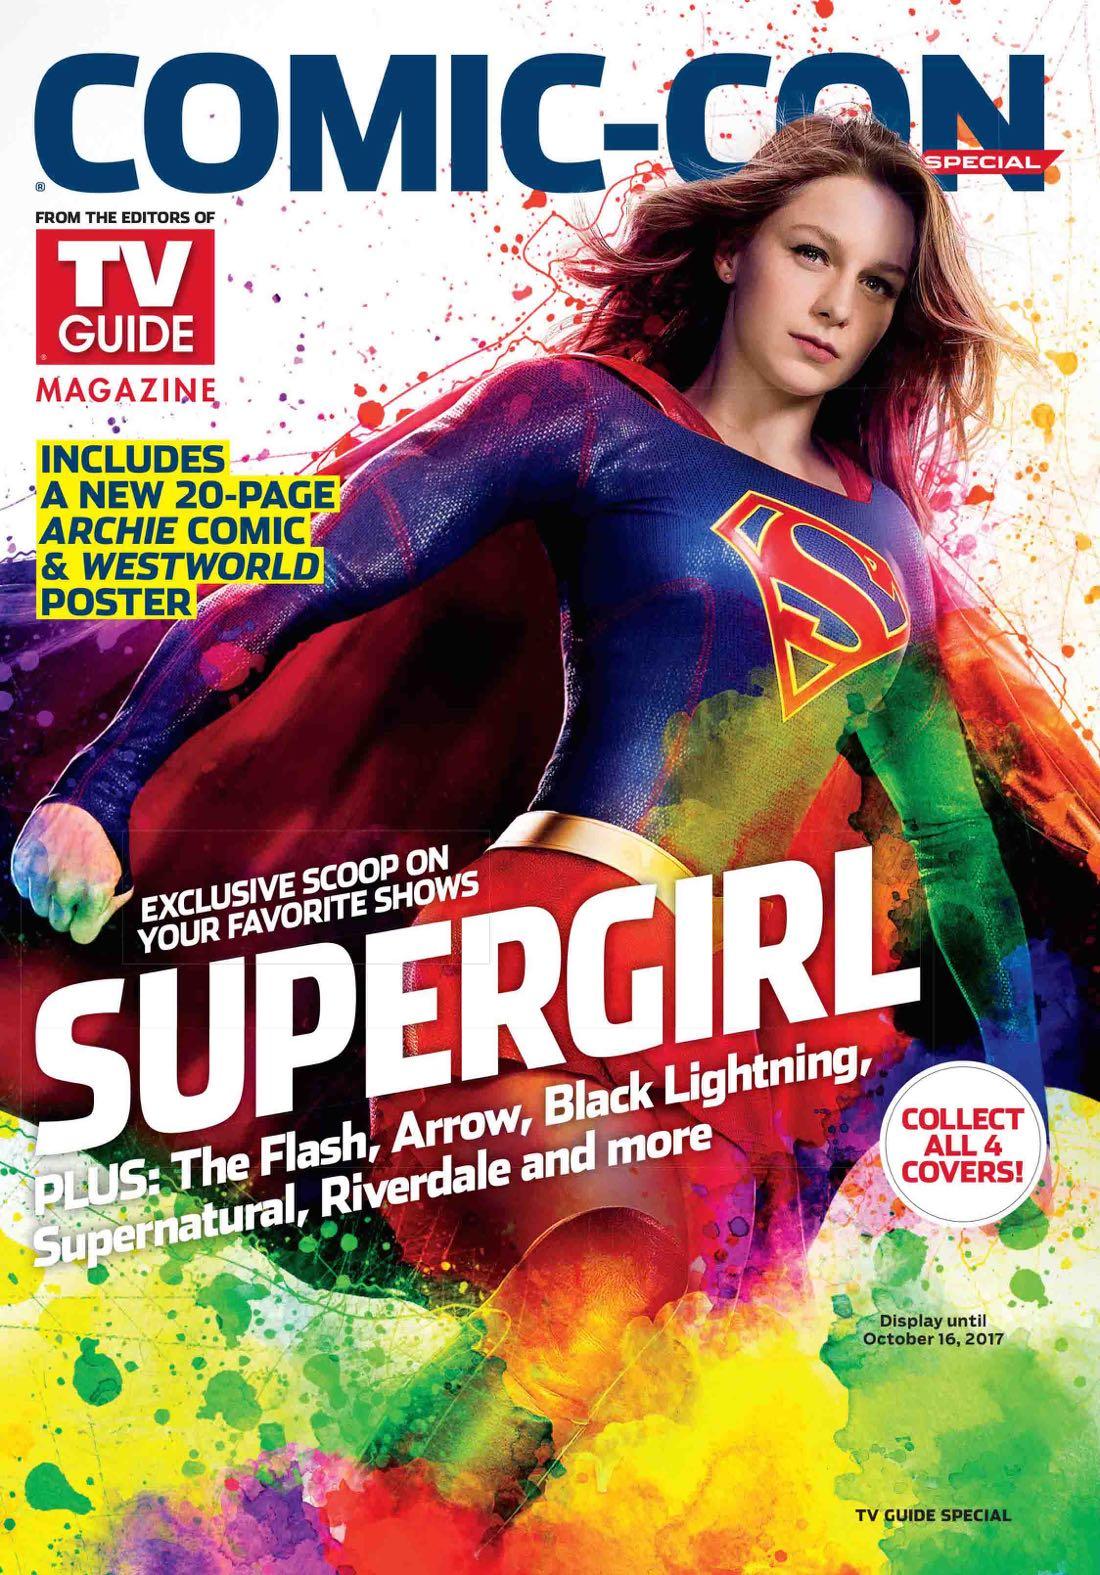 Comic con 2017 magazine Tv Guide special comic con Supergirl 2017